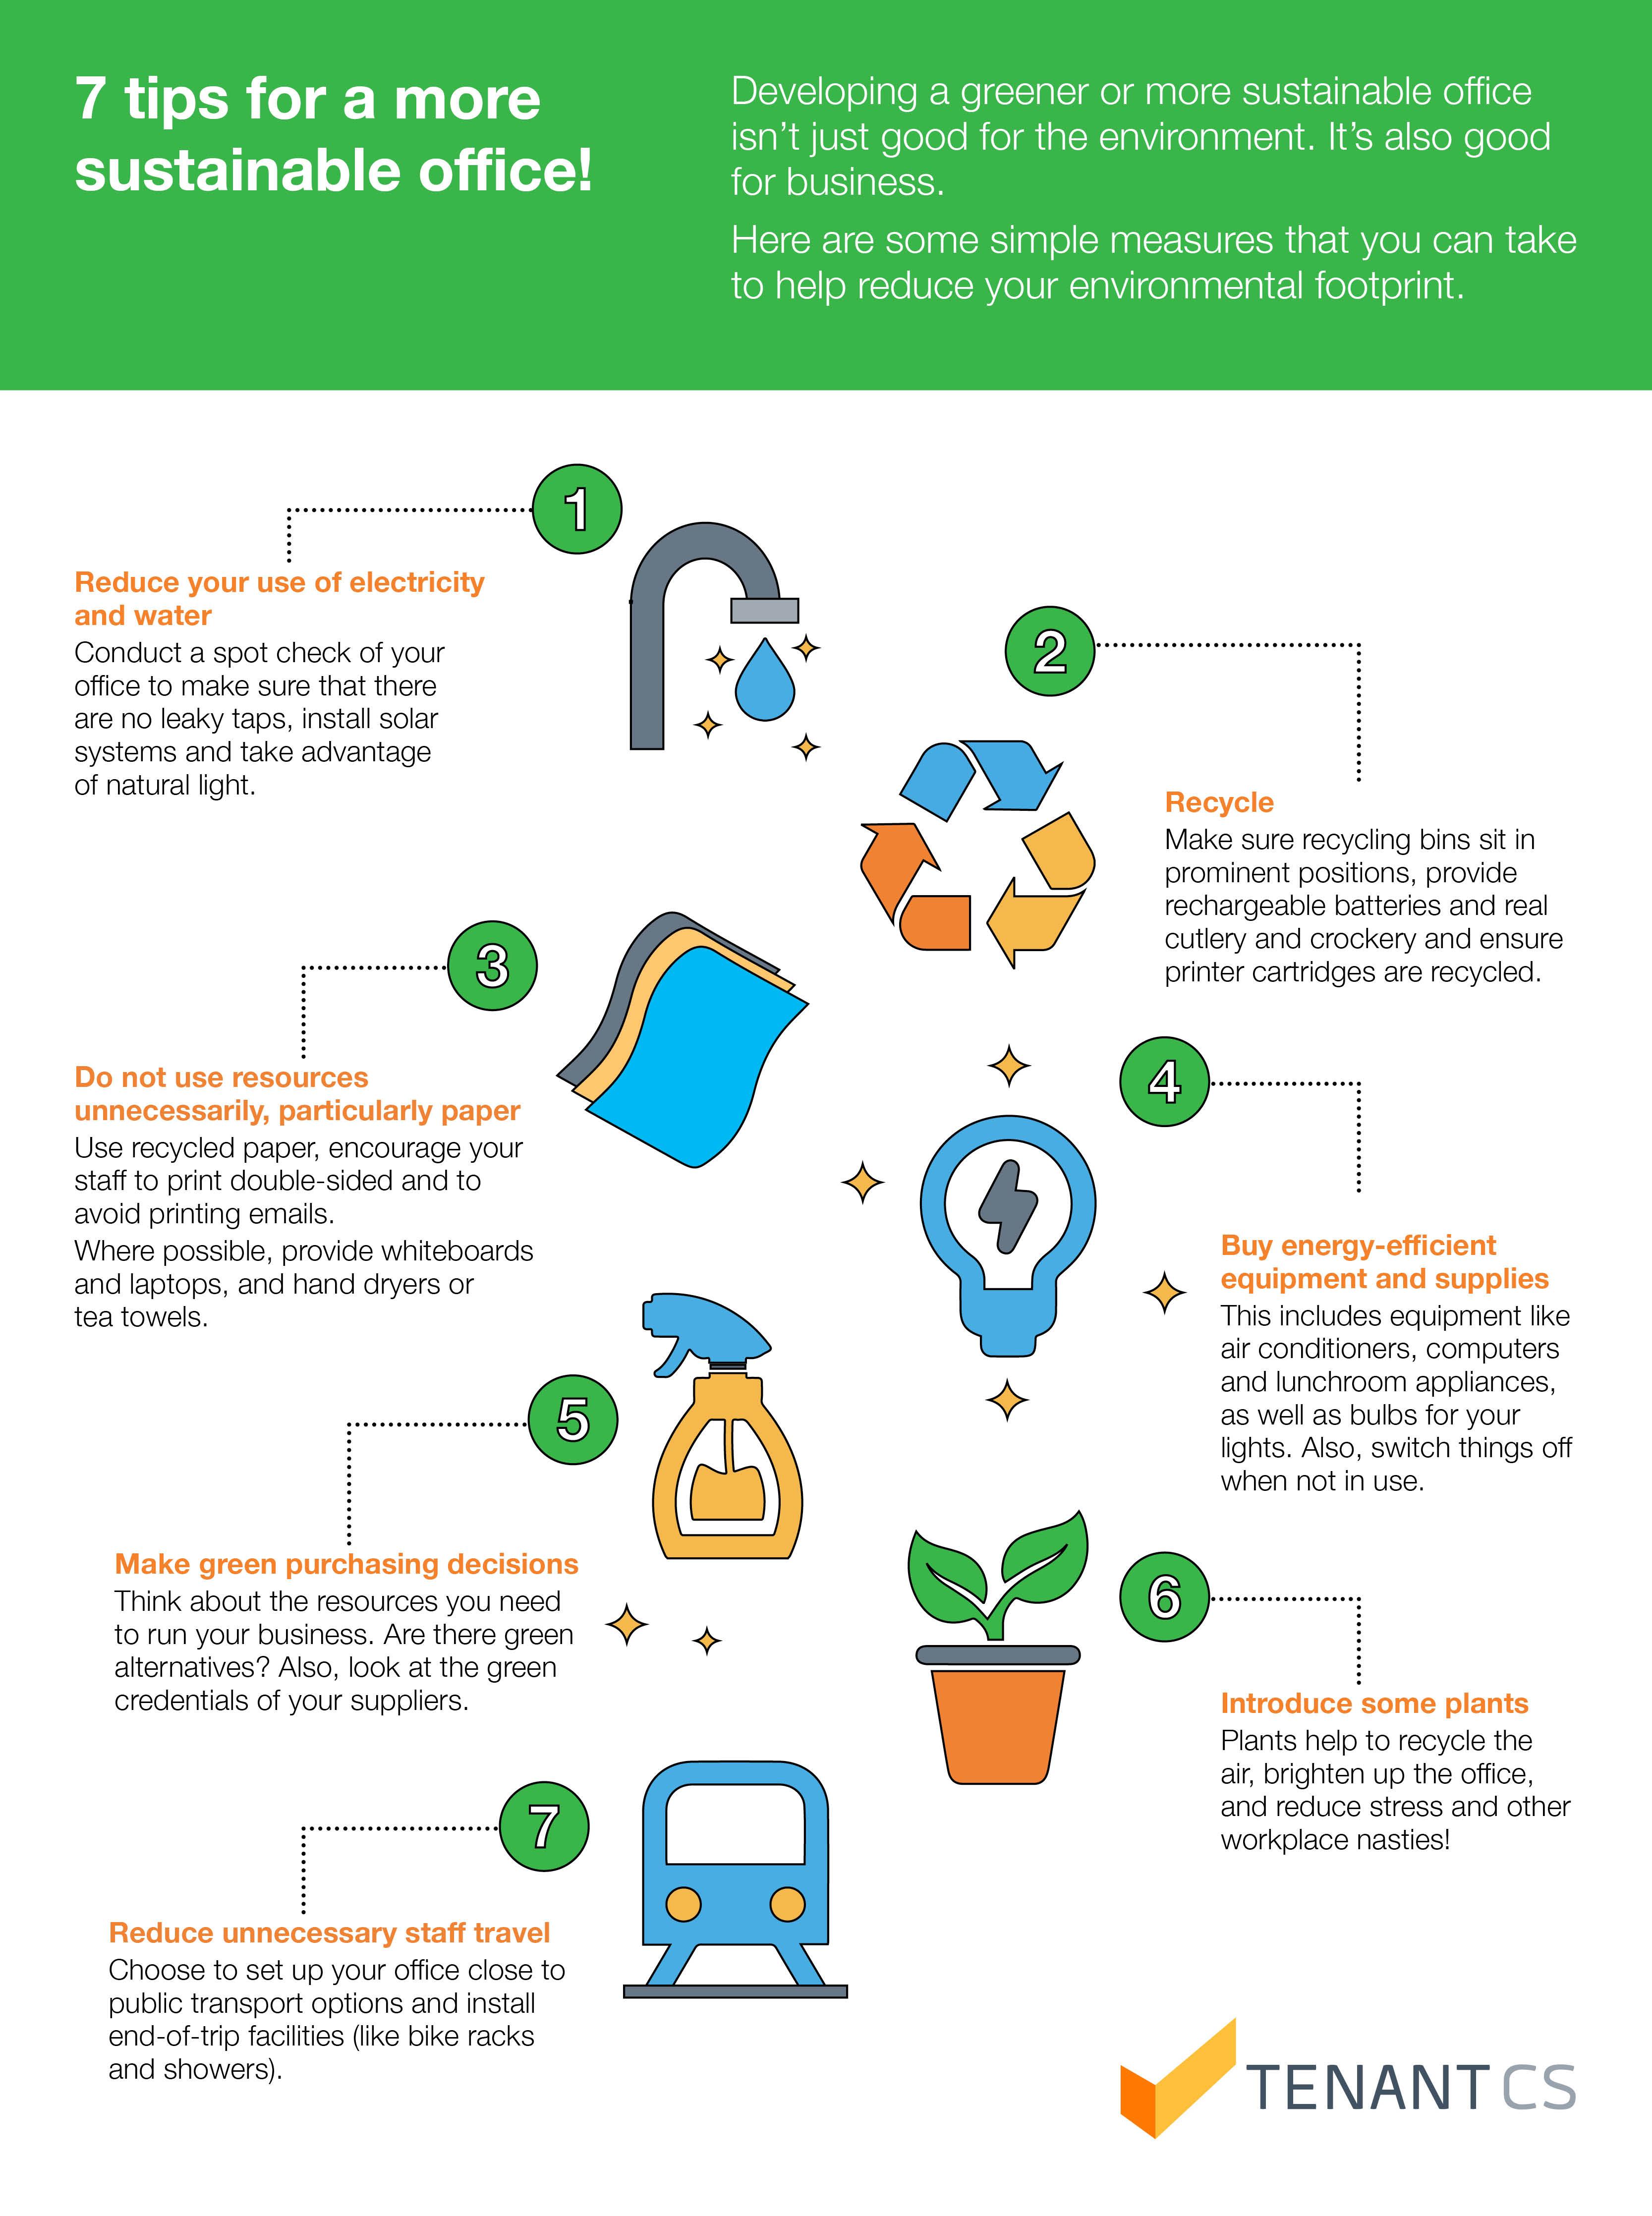 Info graphic summarising seven sustainable office ideas